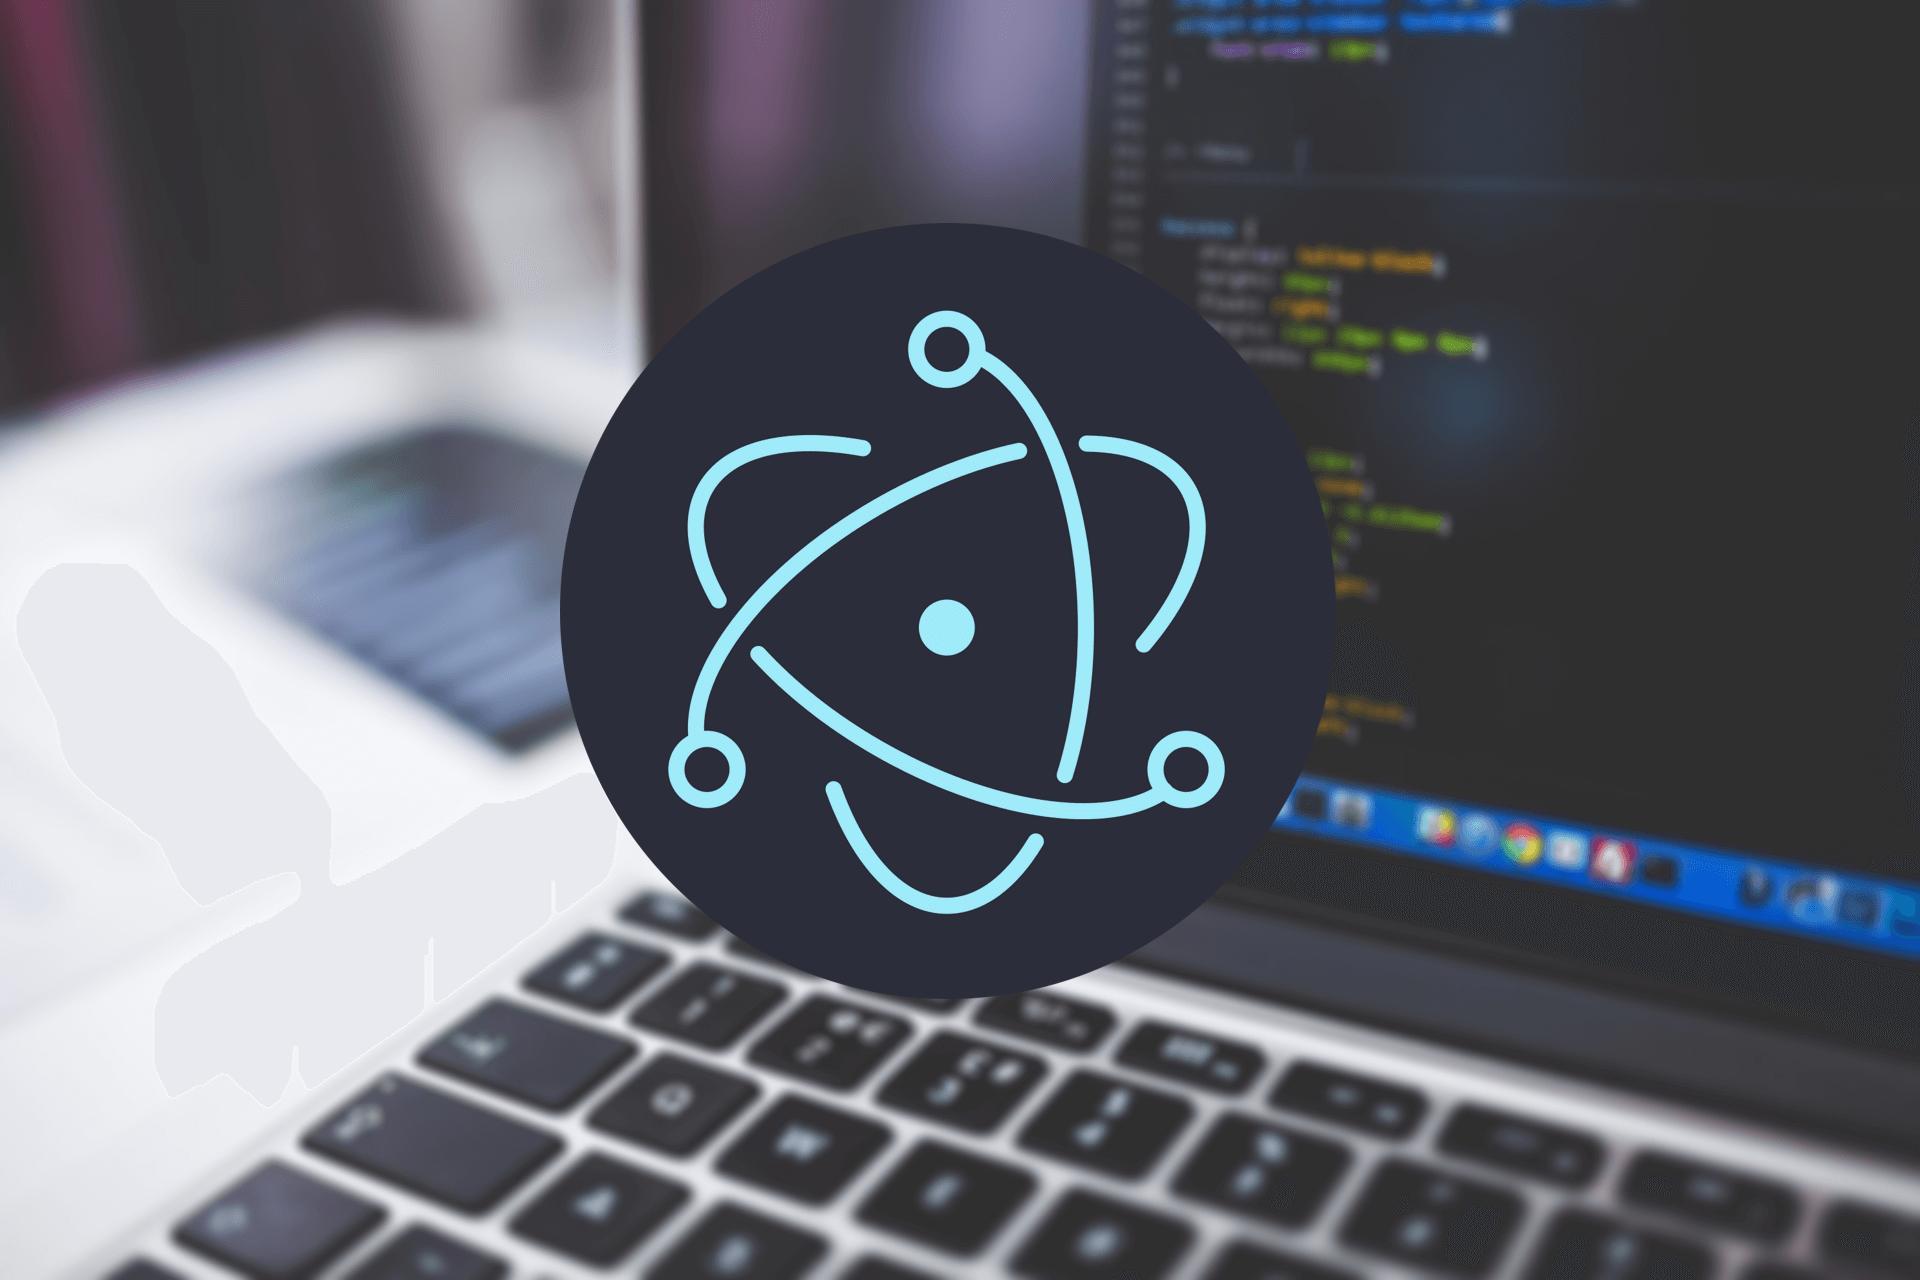 Создание приложения на Electron JS быстрый старт